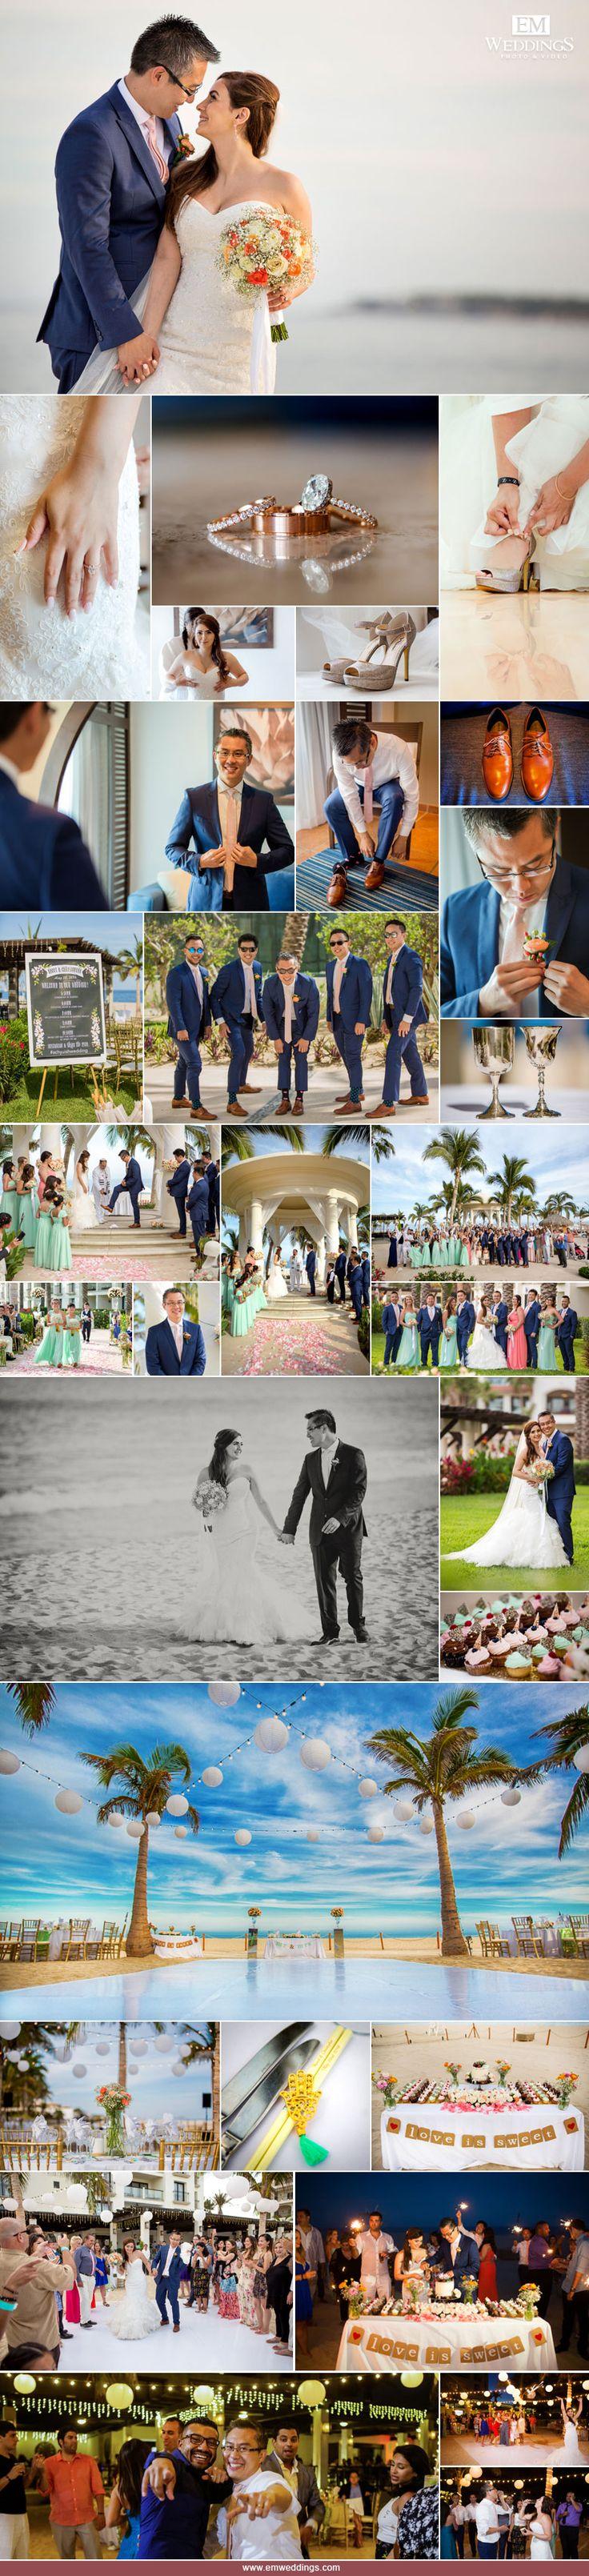 Wedding at Hotel Hyatt Ziva, Los Cabos, México - Los Cabos Wedding Photographer. #emweddingsphotography #destinationweddings